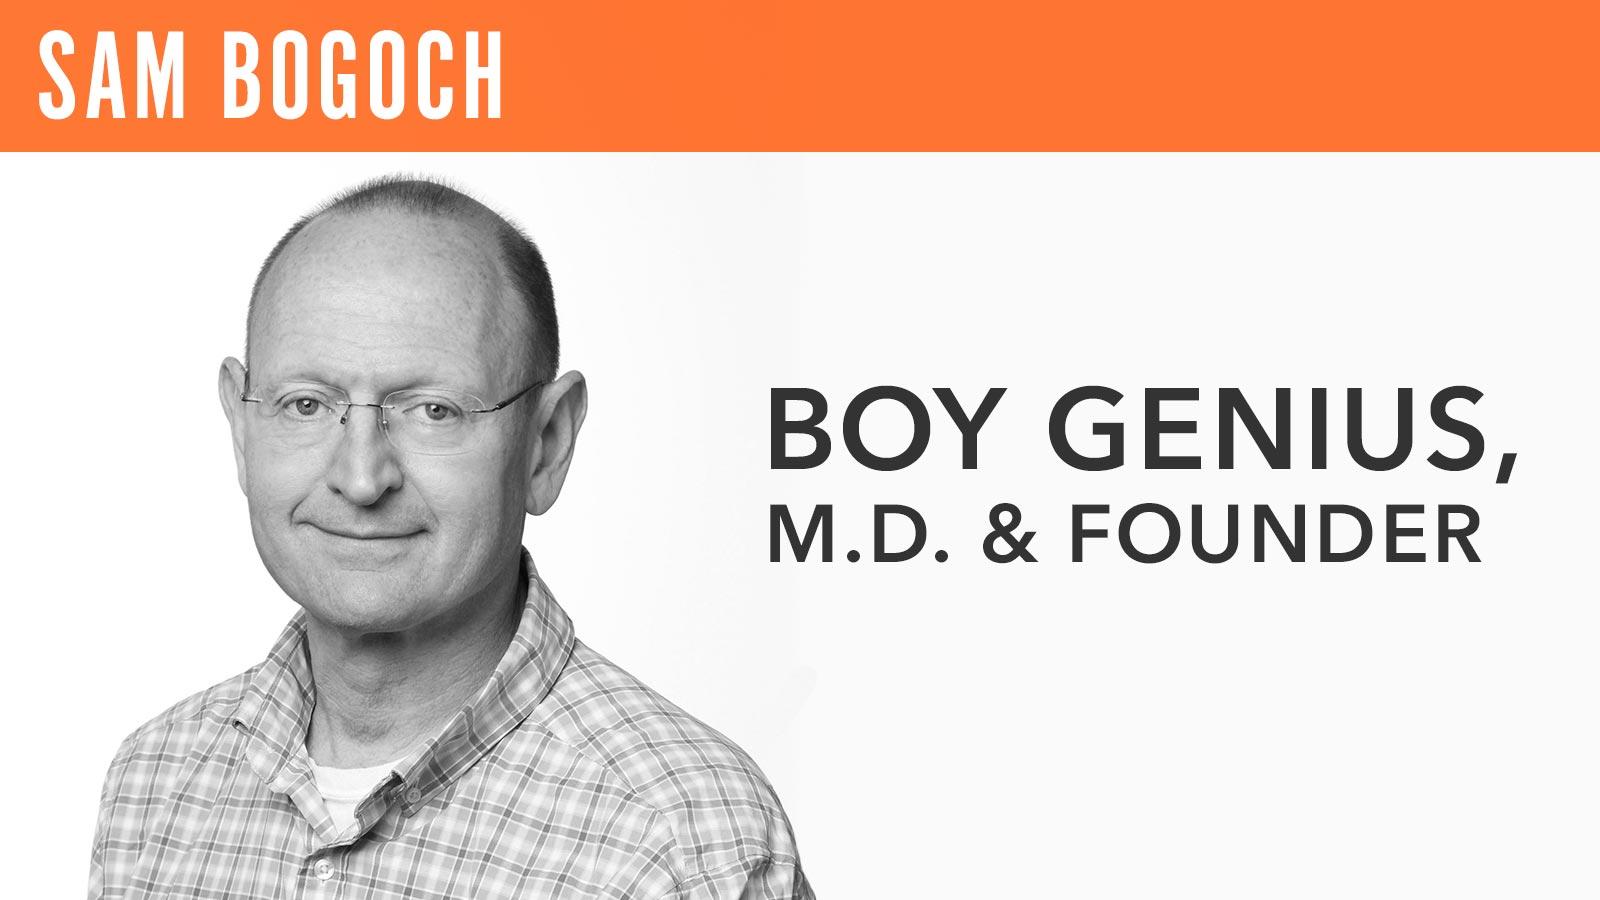 Sam Bogoch  Boy Genius, M.D. & Founder